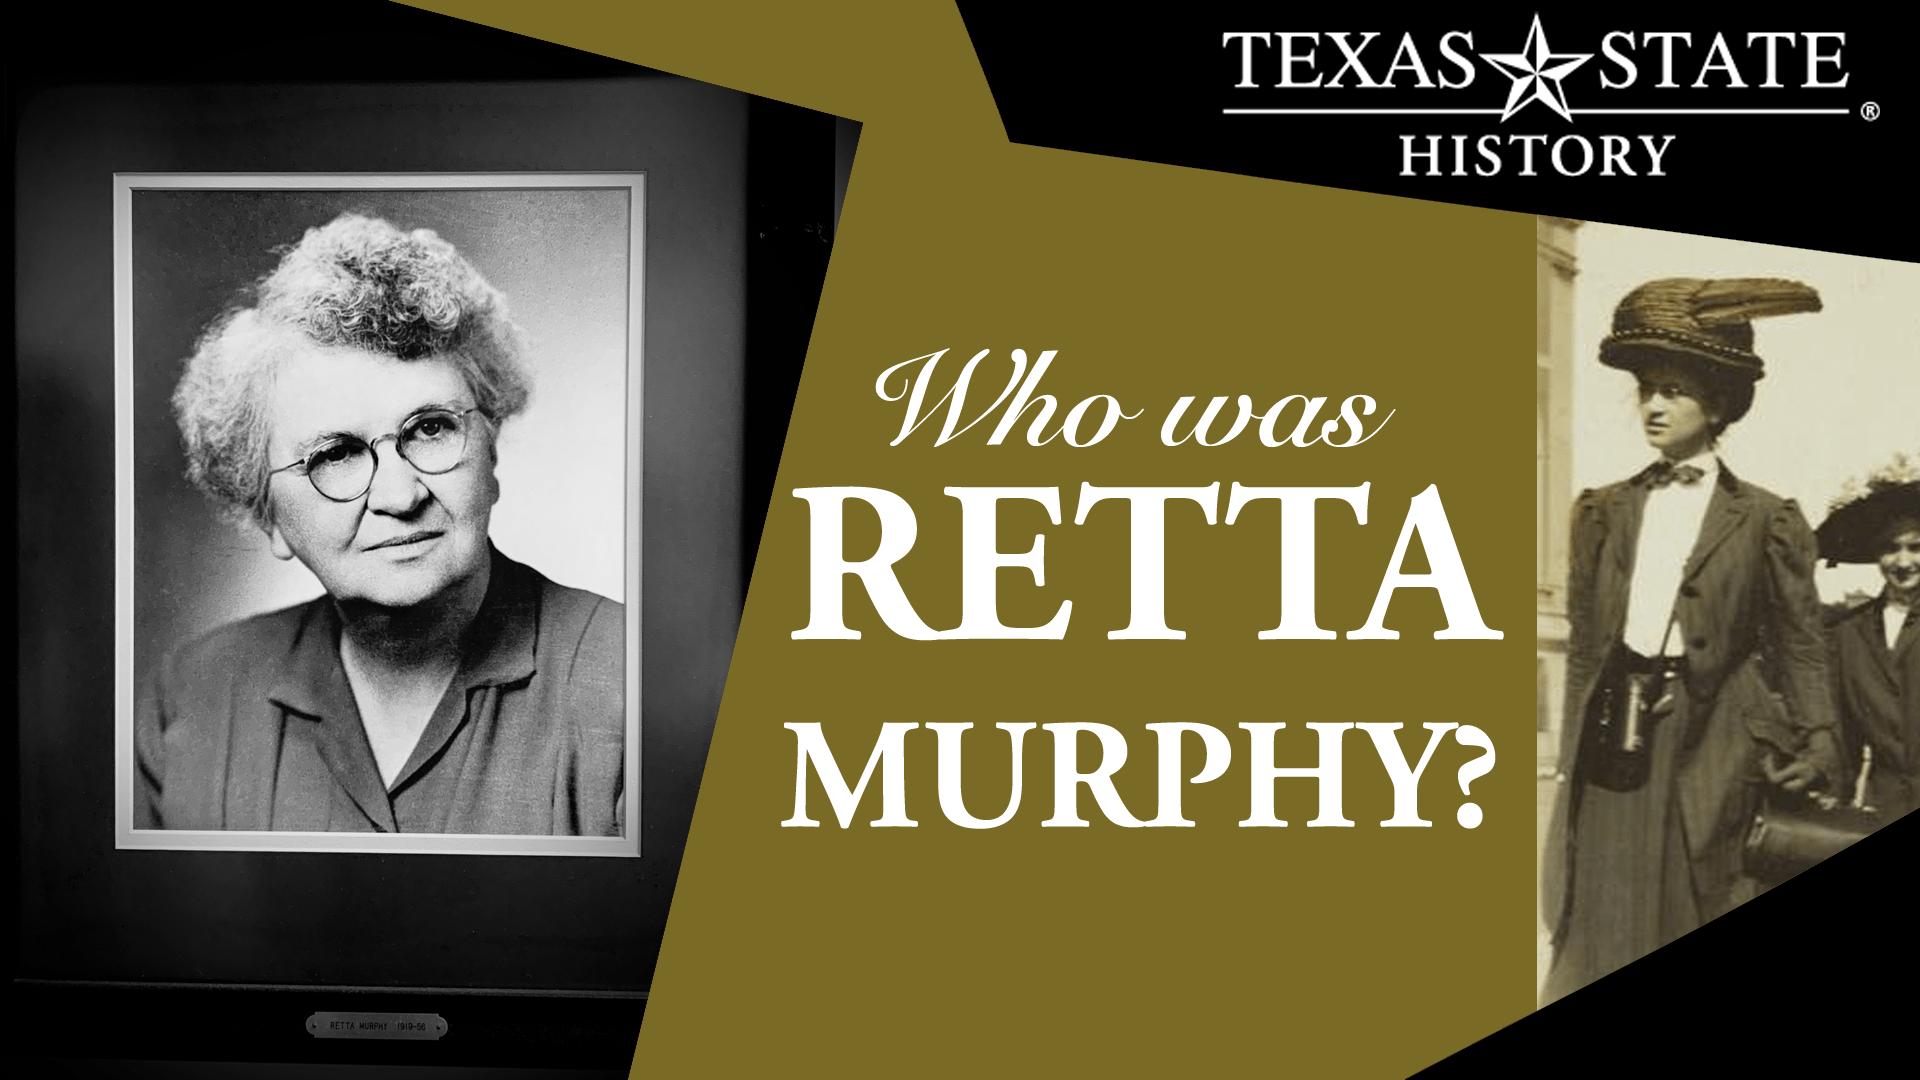 Who was Retta Murphy?